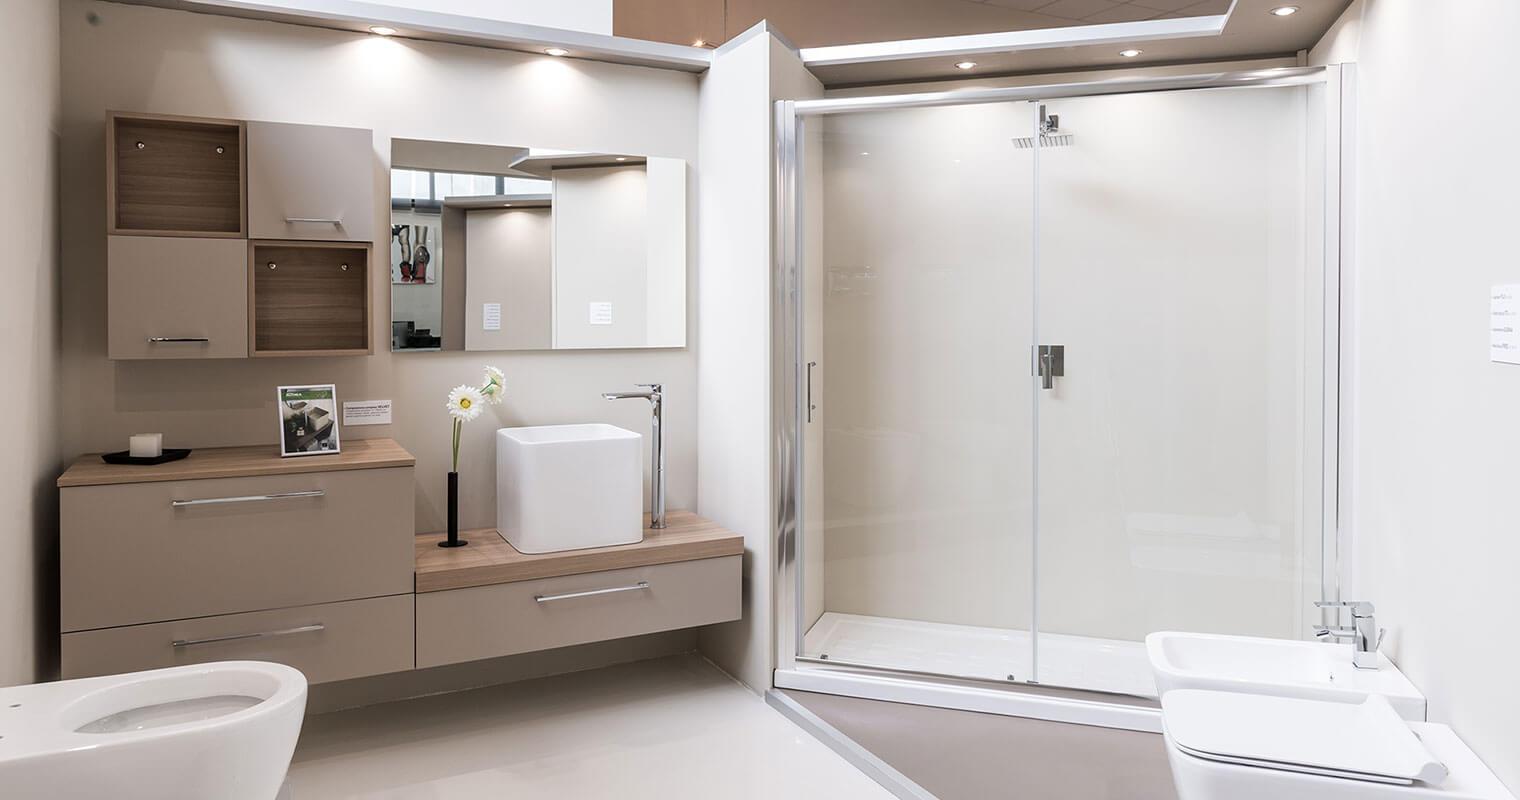 Idee Per Arredare Bagno 5 idee per arredare il bagno